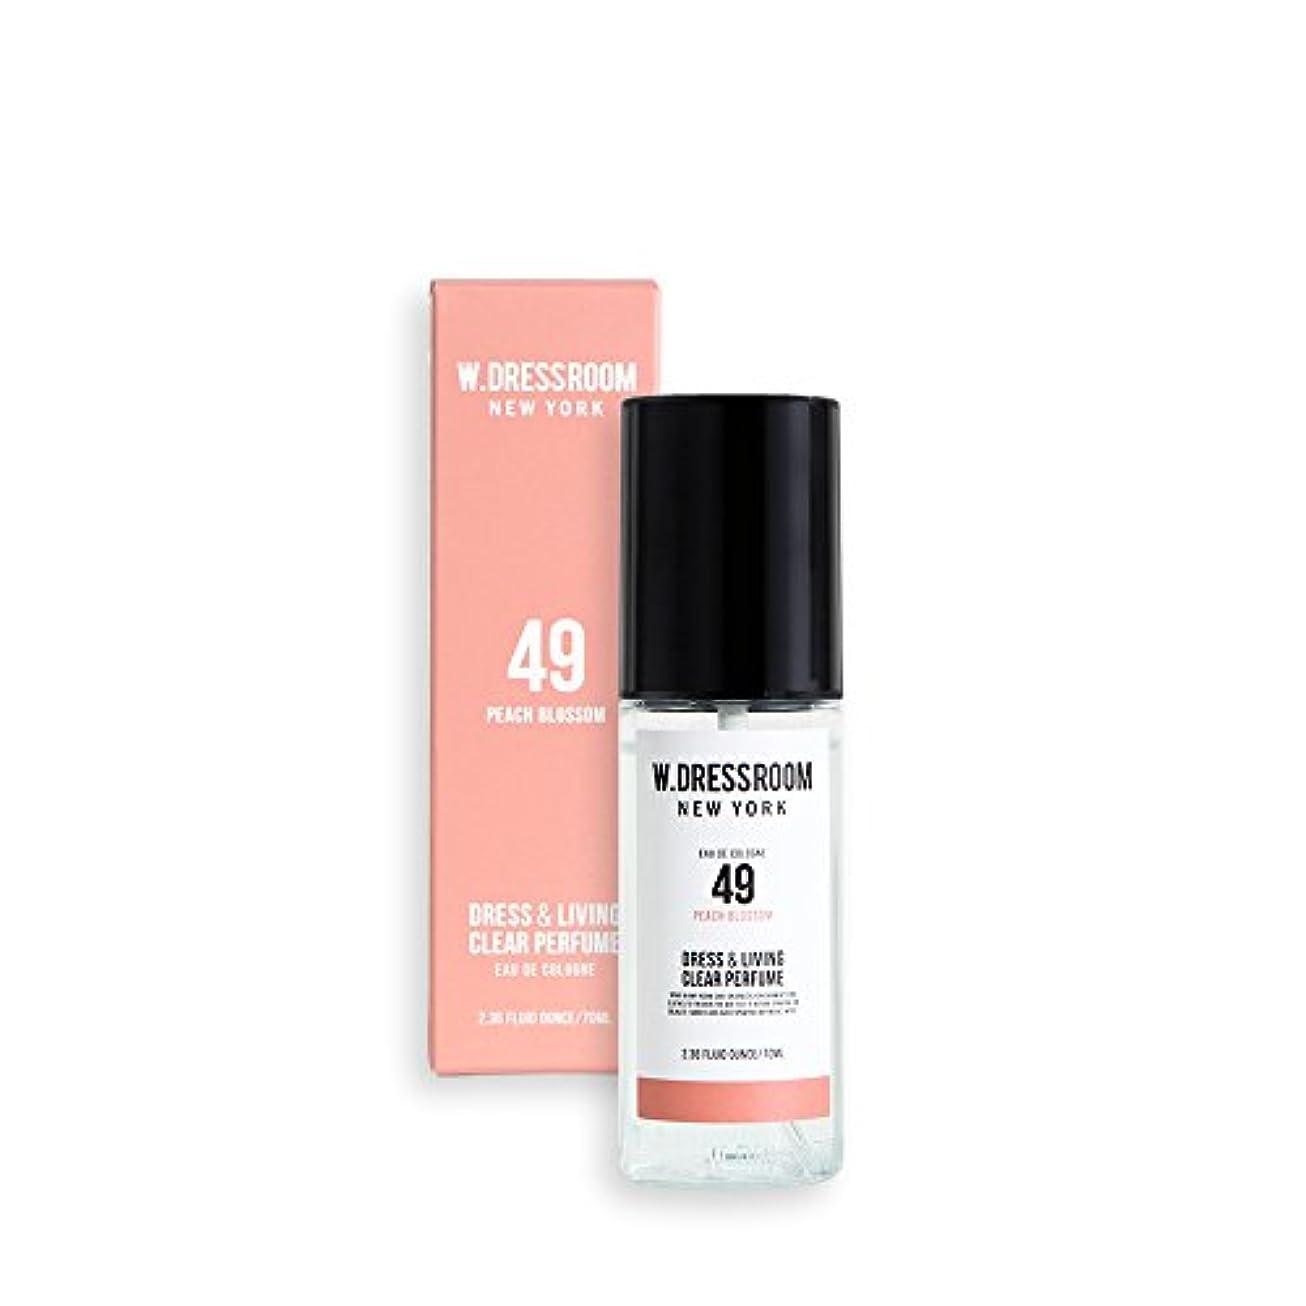 和解する入るドラッグW.DRESSROOM Dress & Living Clear Perfume 70ml/ダブルドレスルーム ドレス&リビング クリア パフューム 70ml (#No.49 Peach Blossom) [並行輸入品]